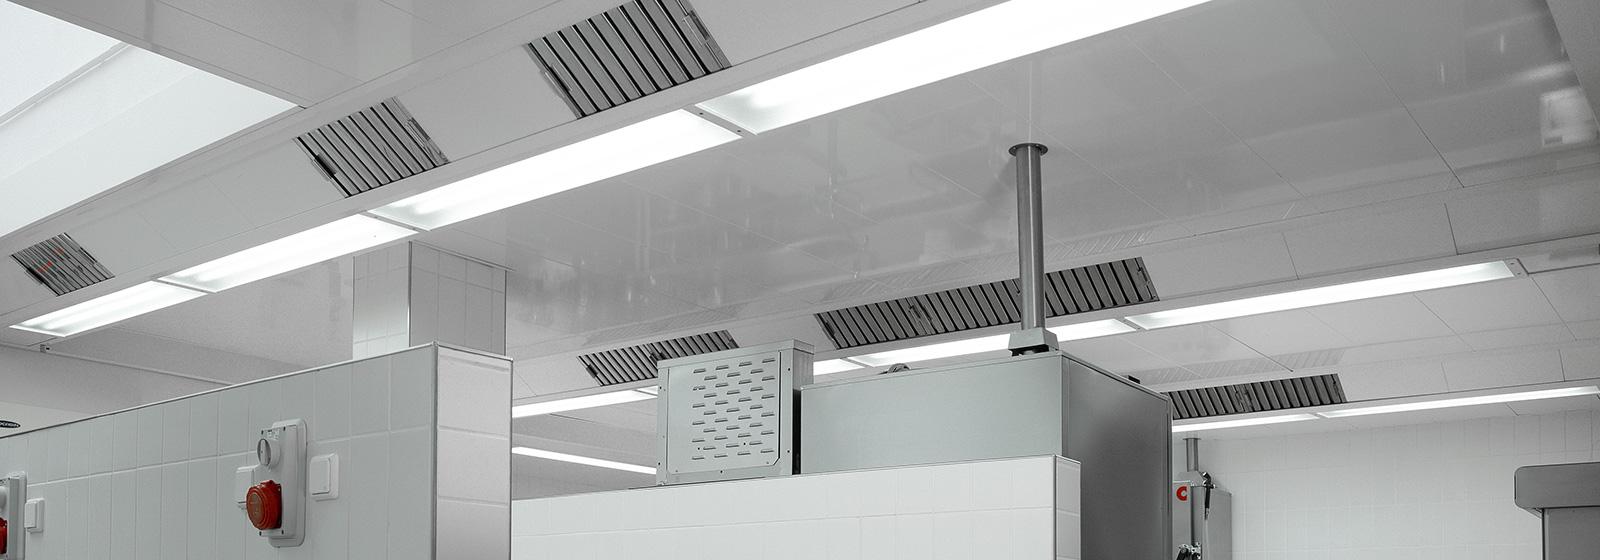 Full Size of Lftungstechnik Fr Grokchen Weger Wohnzimmer Küchenabluft